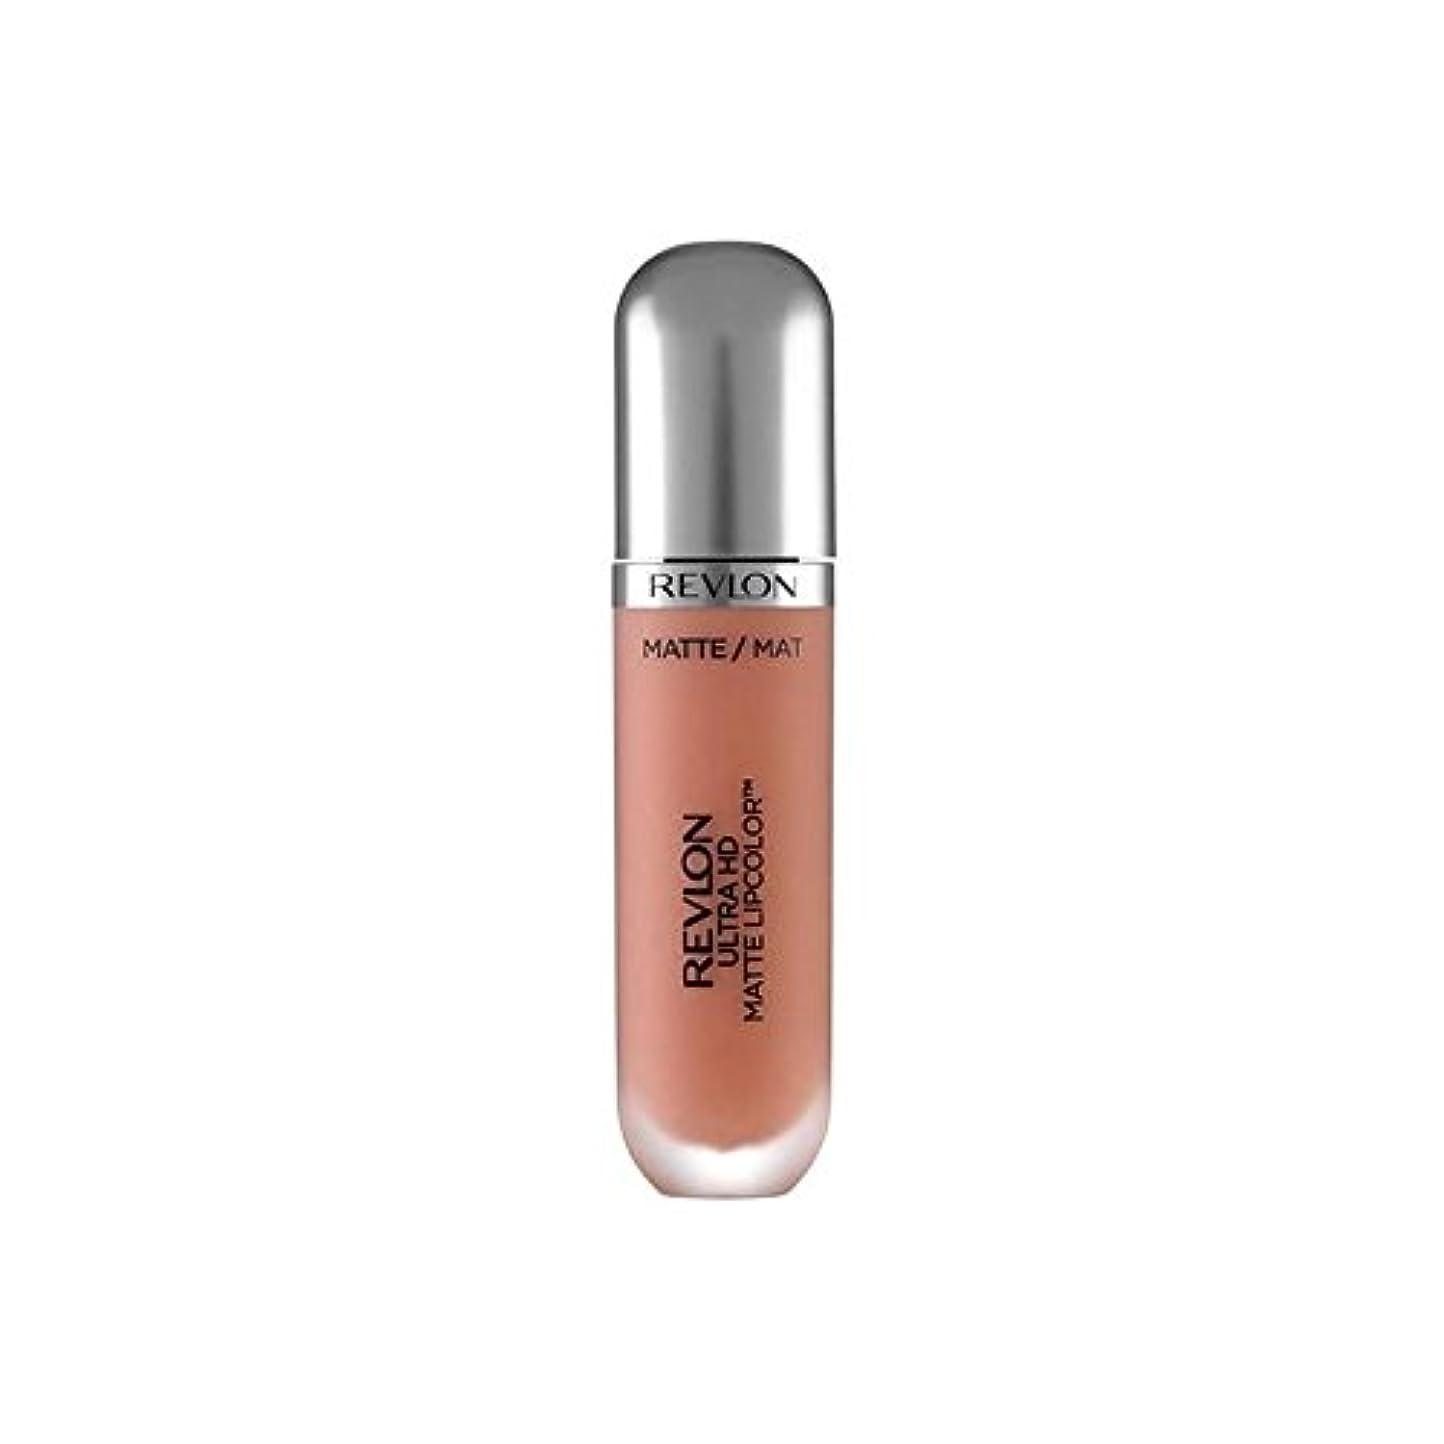 倒産キャラバン座標Revlon Ultra HD Matte Lipstick Seduction 5.9ml - レブロンウルトラマット口紅誘惑の5.9ミリリットル [並行輸入品]